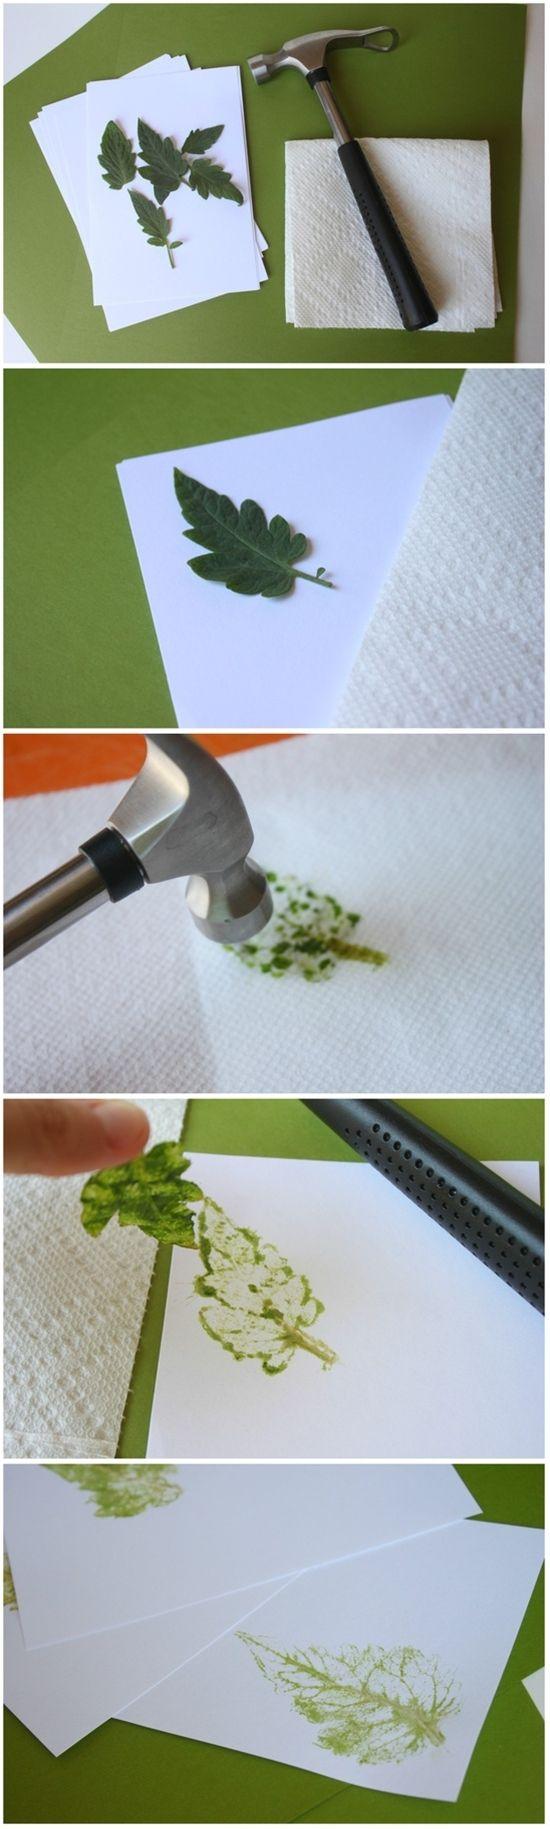 Lehti kortille. Samalla tavalla voi tehdä myös kankaalle, kun teippaa lehden lakanakankaan päälle ja hakkaa vasaralla.